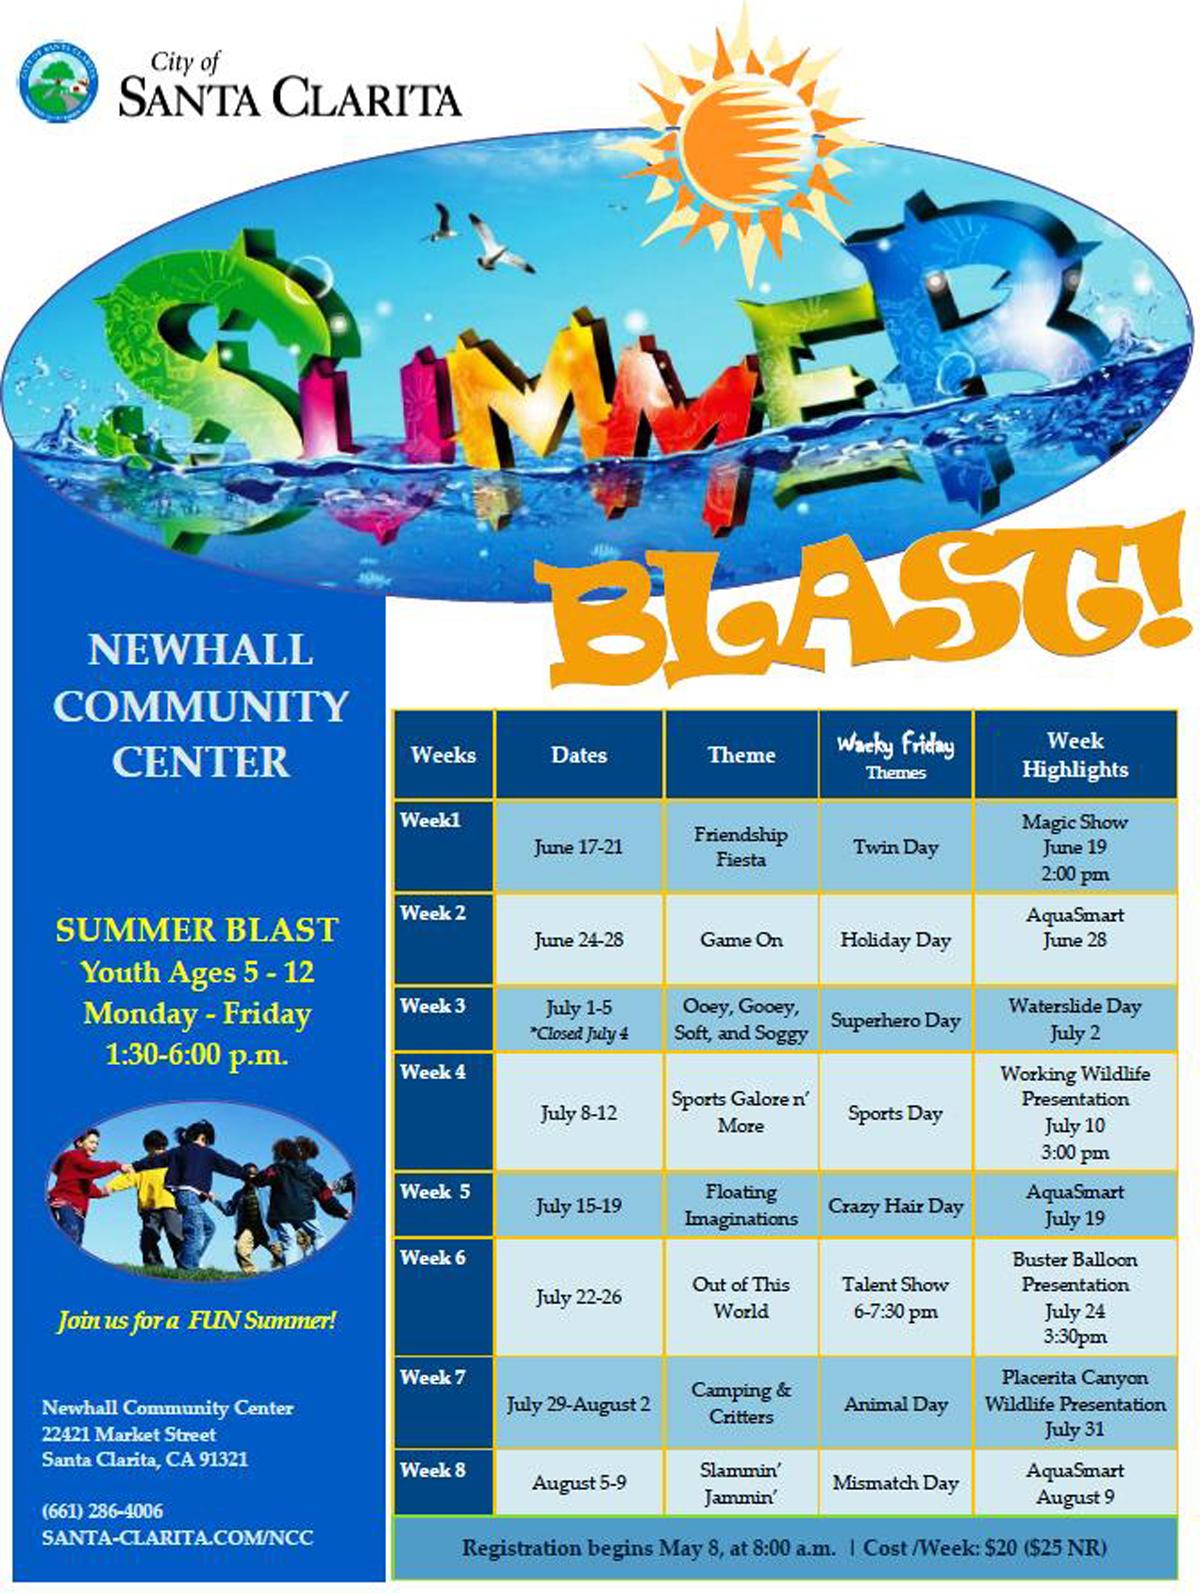 2013-summer-blast-flyer